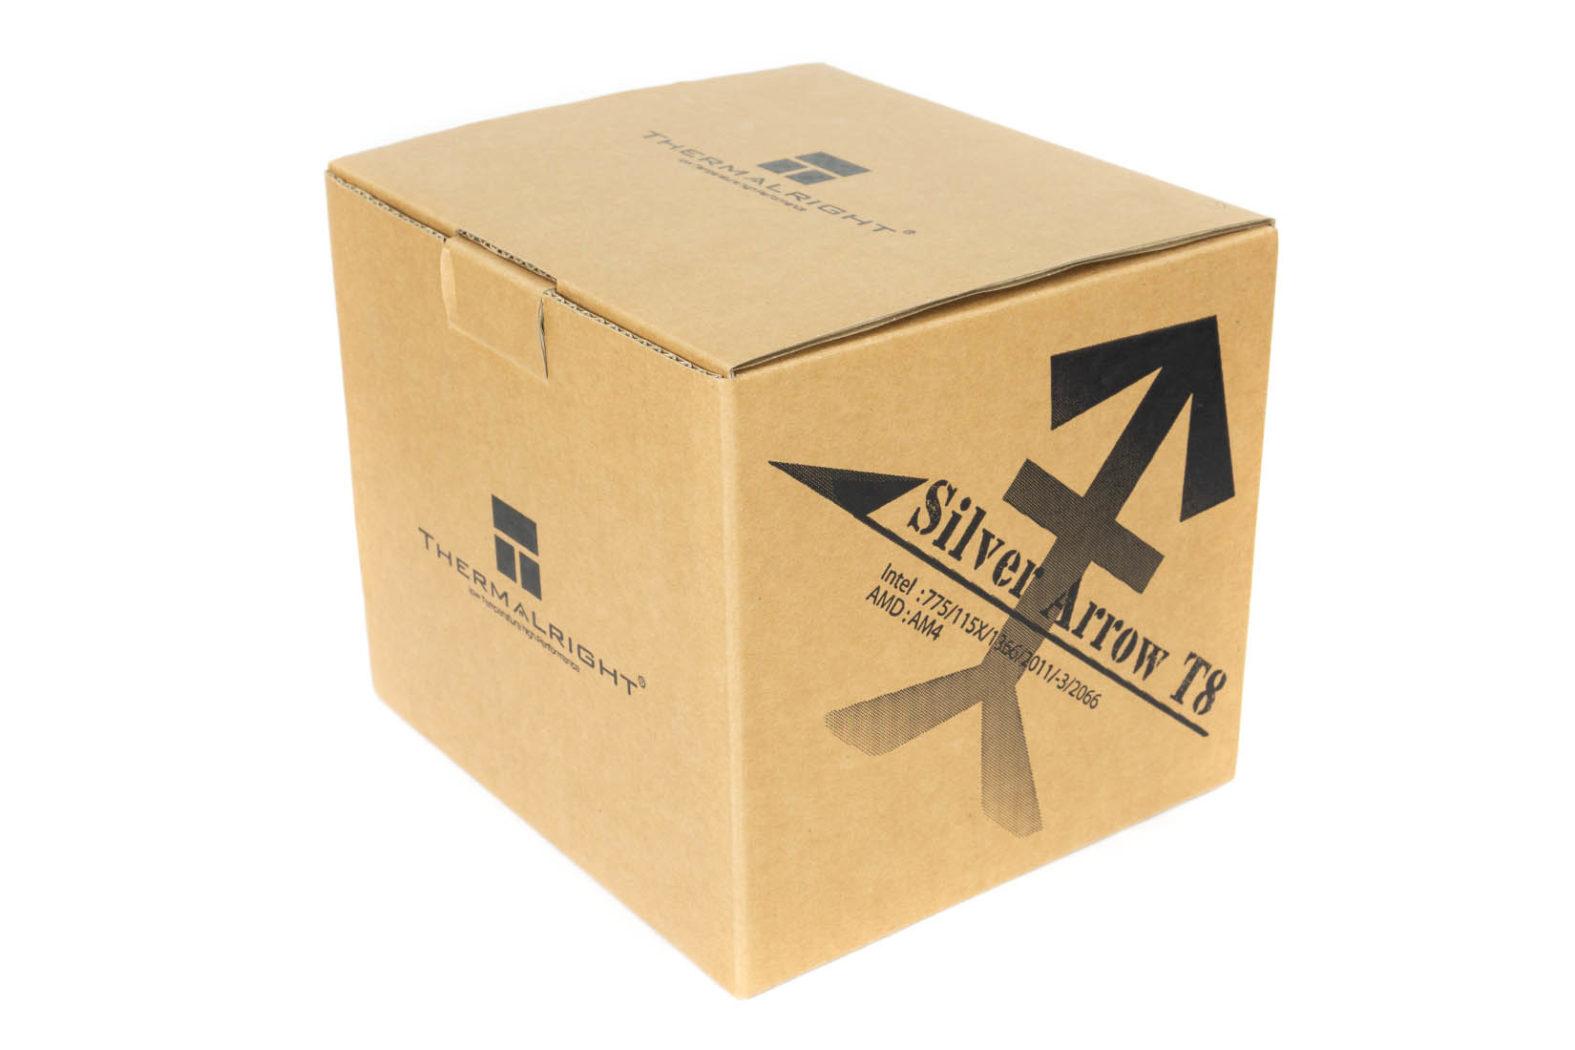 Silver Arrow T8 Verpackung